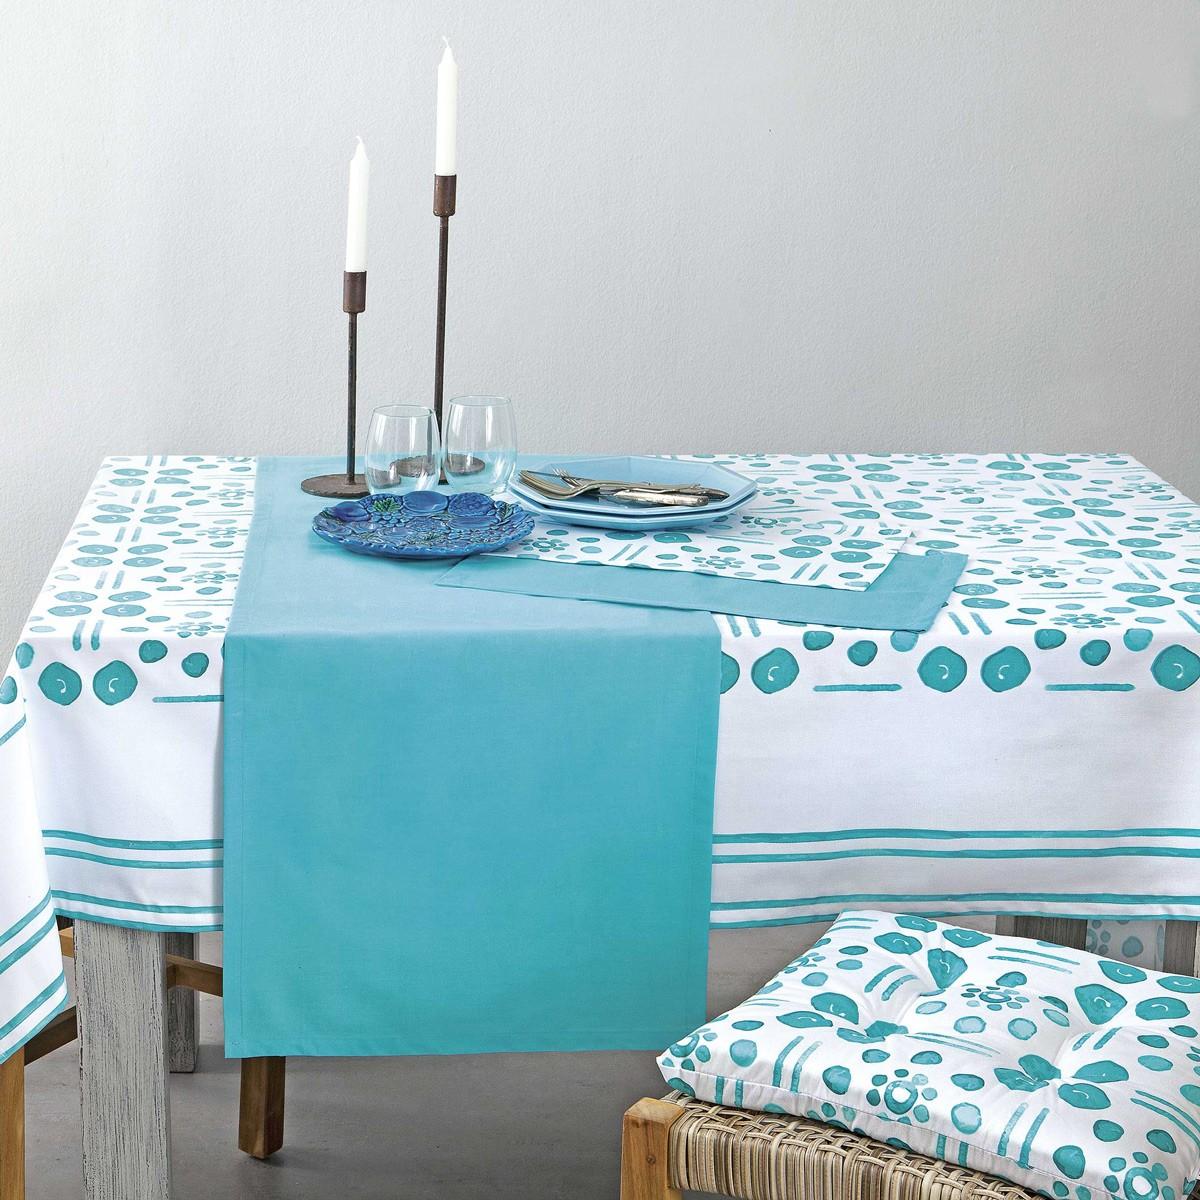 Τραπεζομάντηλο (150x250) Nima Table Linen Cyclades